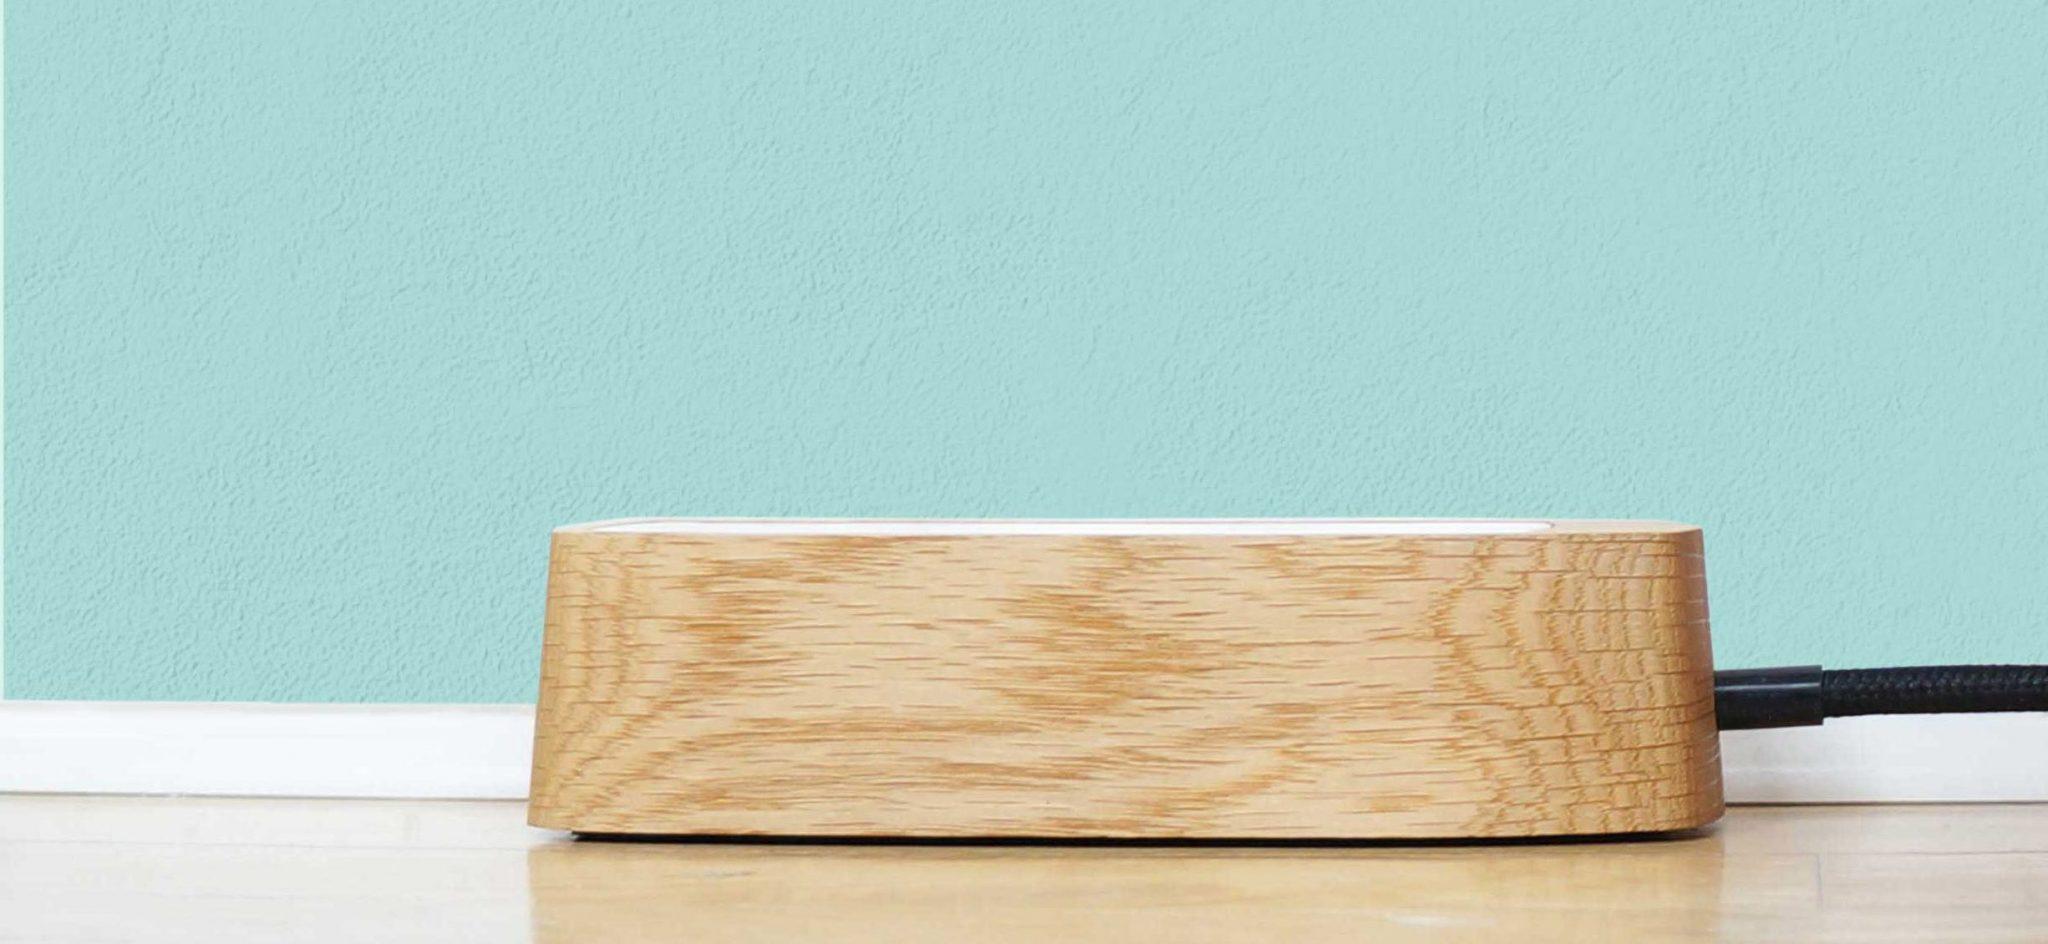 design stikdåse i egetræ med stofkabel